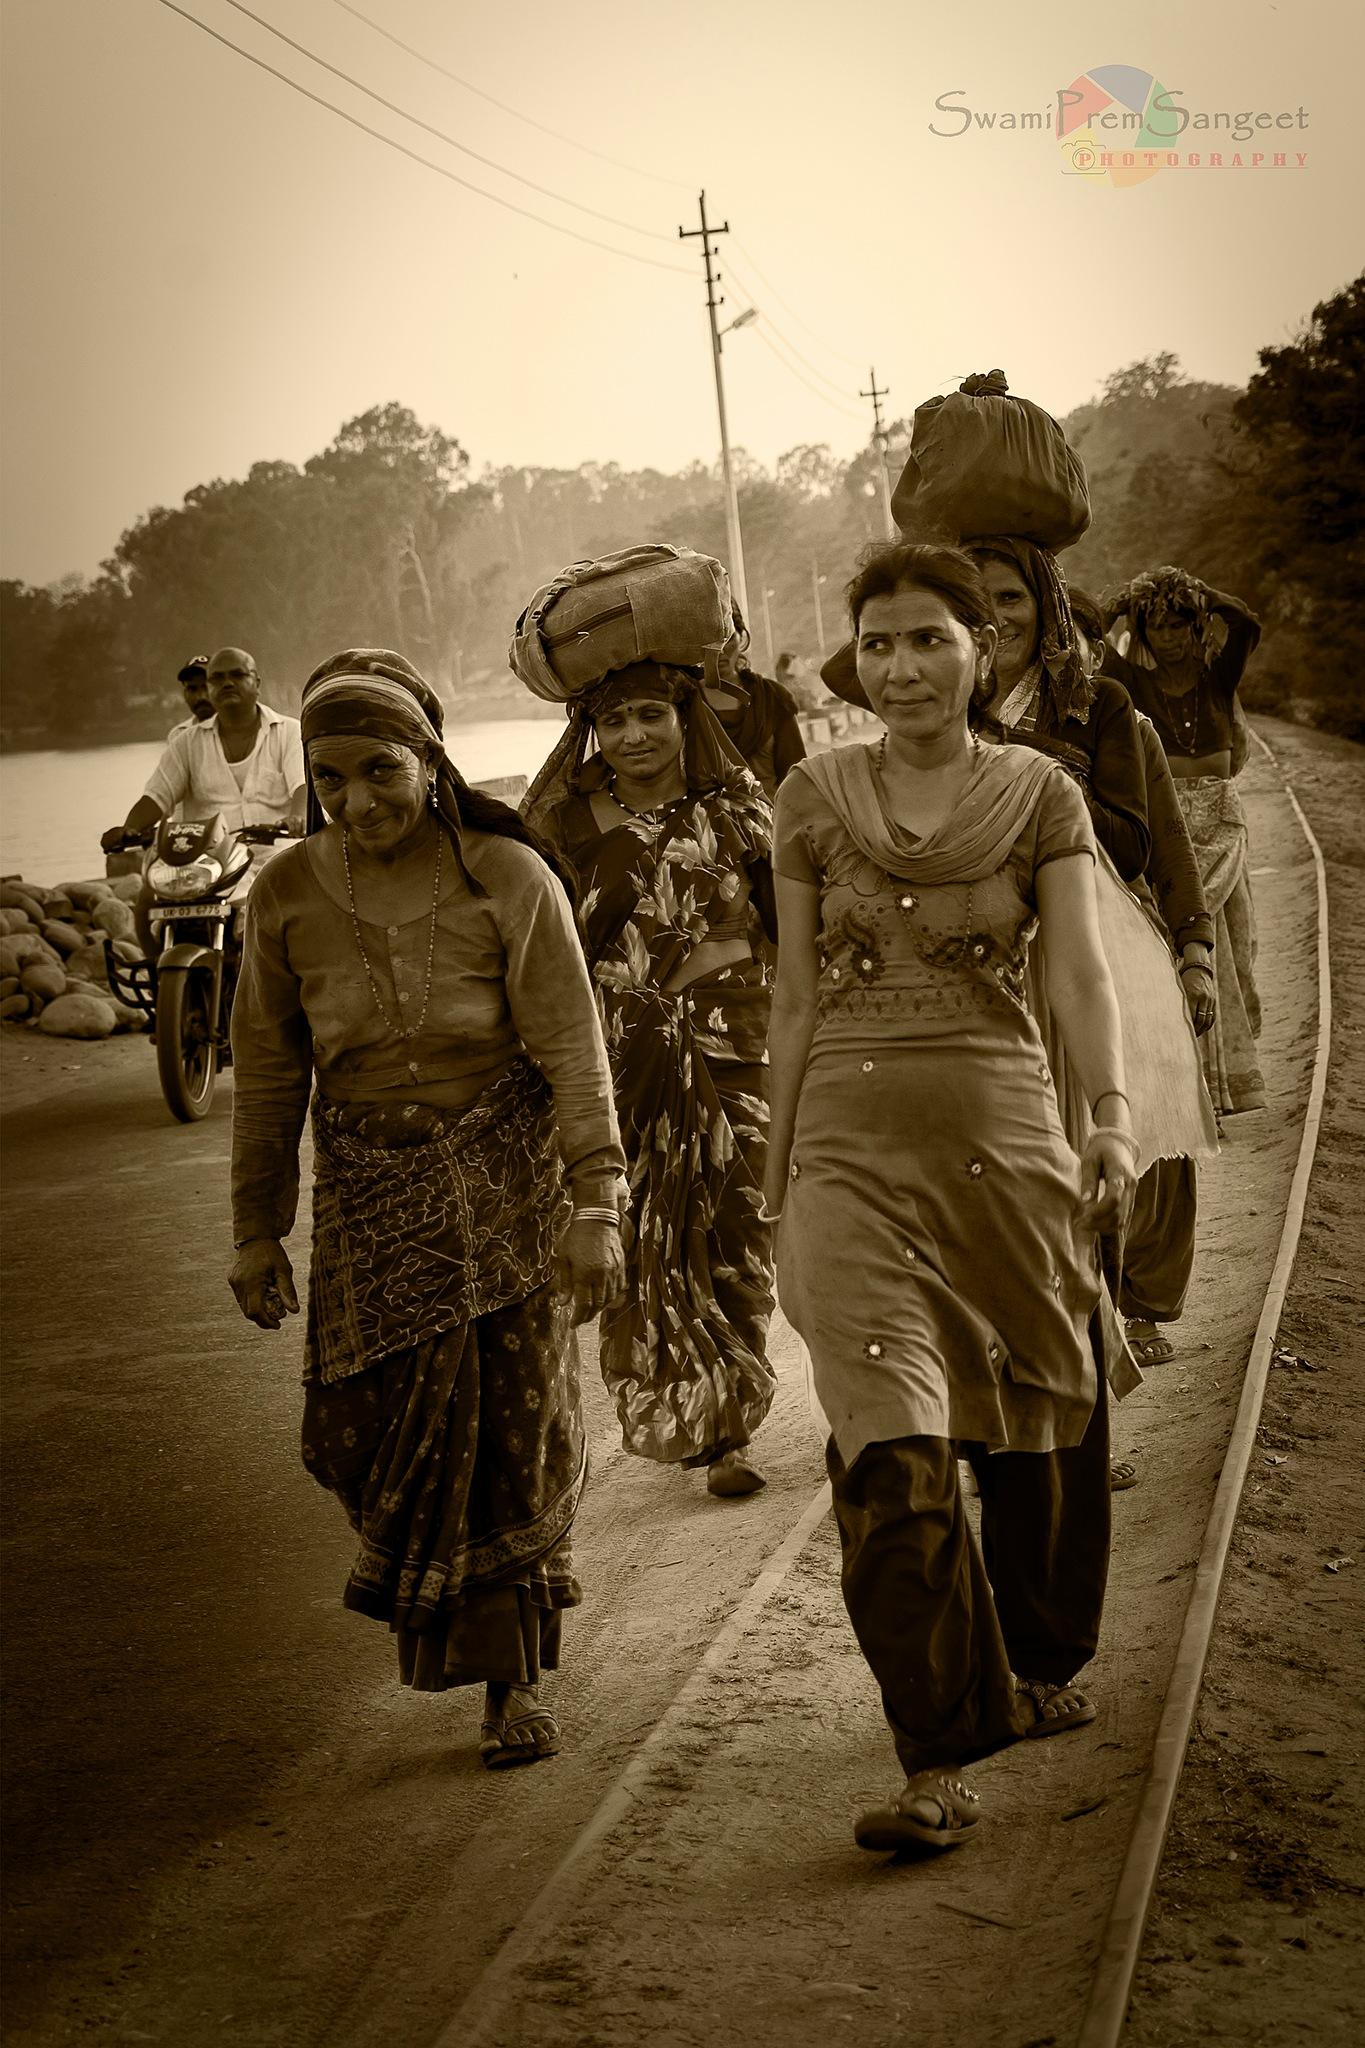 Iife in Rural Areas by Swami Prem Sangeet ( Sanjay Jaiswal )